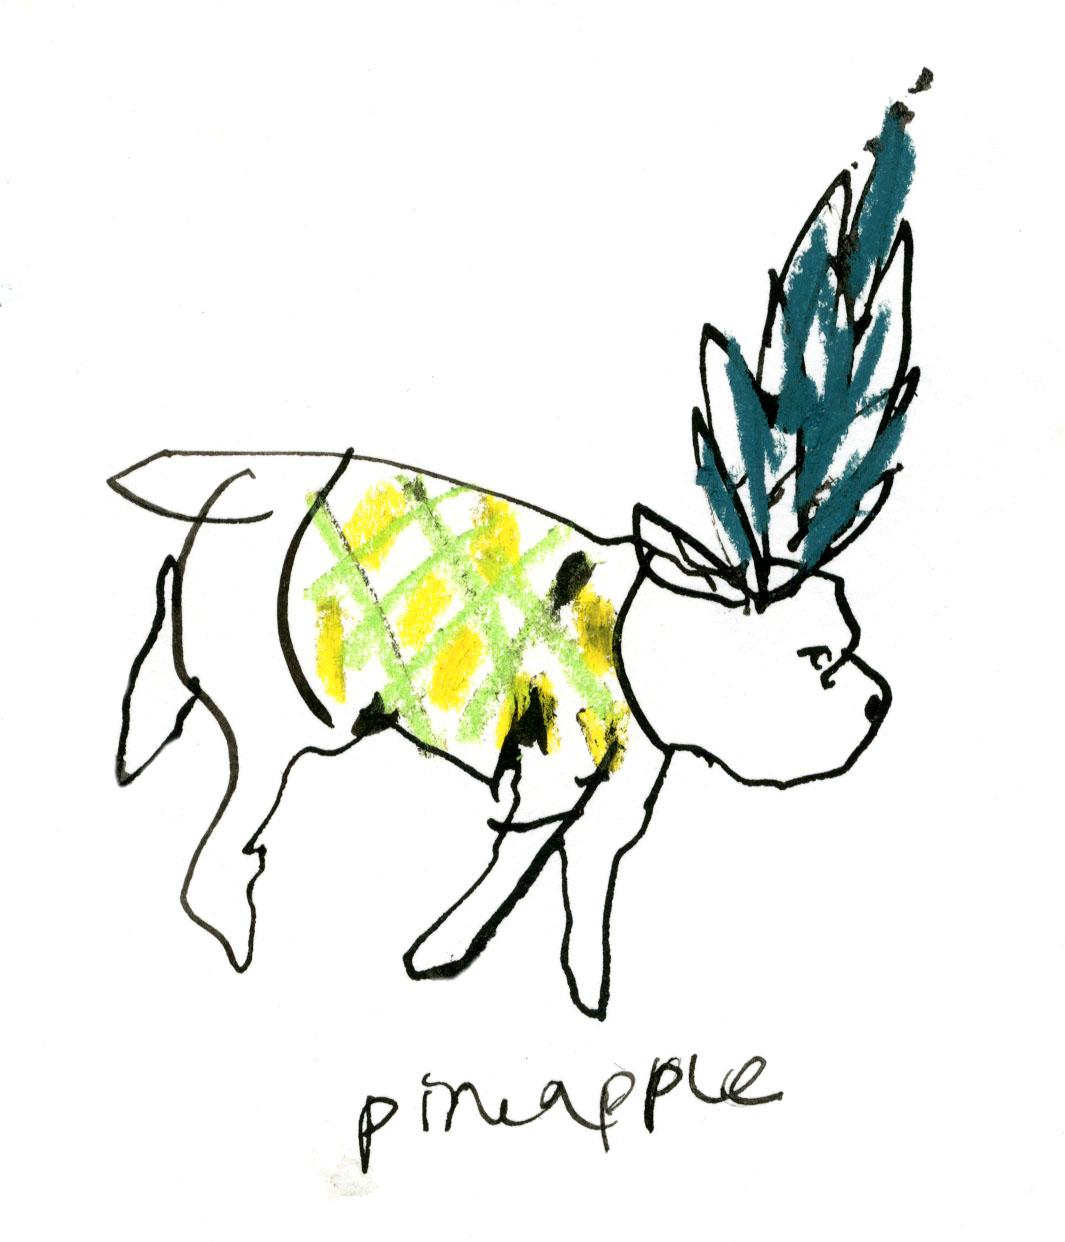 Pineapple dog © Carly Larsson 2014